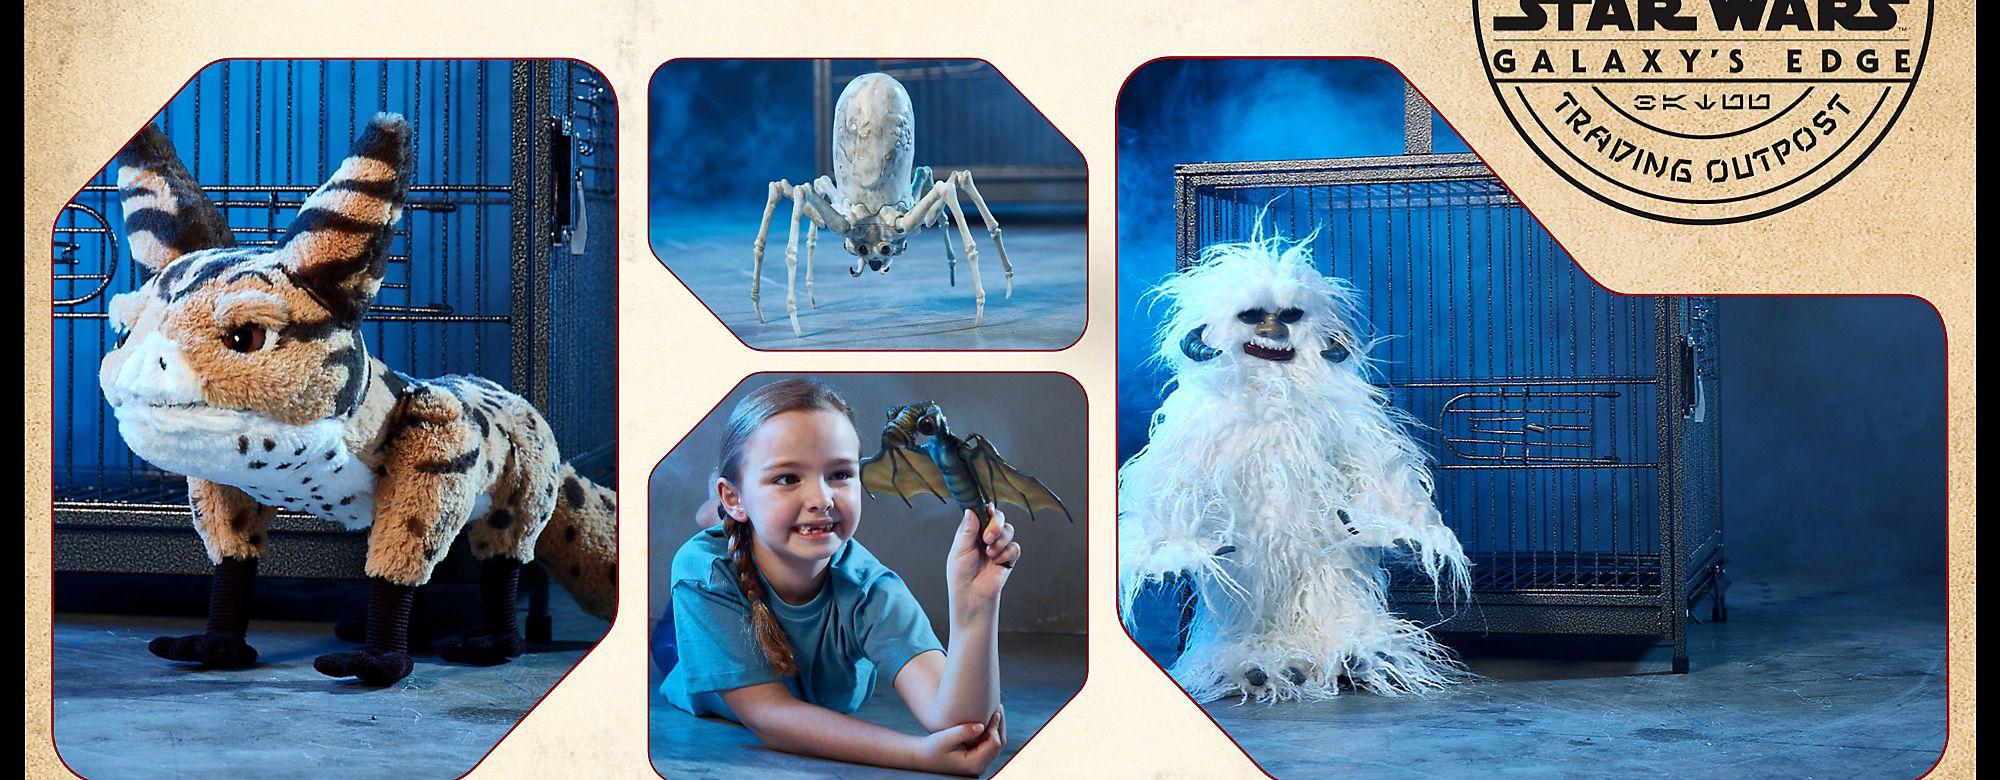 Creature Shop Entdecke die neugierigen Kreaturen und Critter - alle geben einzigartige Töne  von sich, und stecken in einer kostenlosen Geschenkbox JETZT KAUFEN